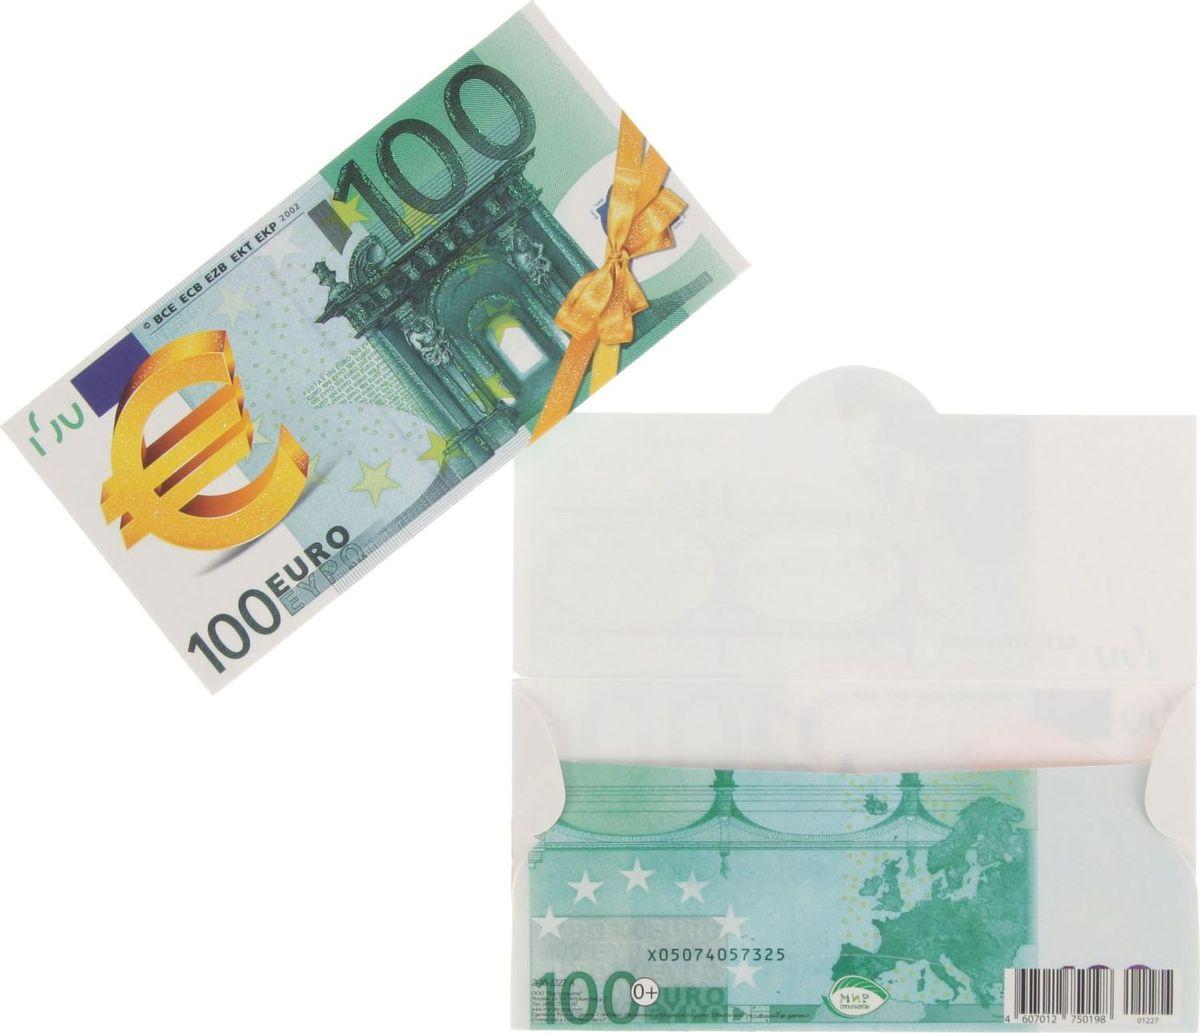 Конверт для денег Мир открыток Универсальный. 100 евро, 16,4 х 8,4 см2252335Невозможно представить нашу жизнь без праздников! Мы всегда ждём их и предвкушаем, обдумываем, как проведём памятный день, тщательно выбираем подарки и аксессуары, ведь именно они создают и поддерживают торжественный настрой. Этот конверт - отличный выбор, который привнесёт атмосферу праздника в ваш дом!